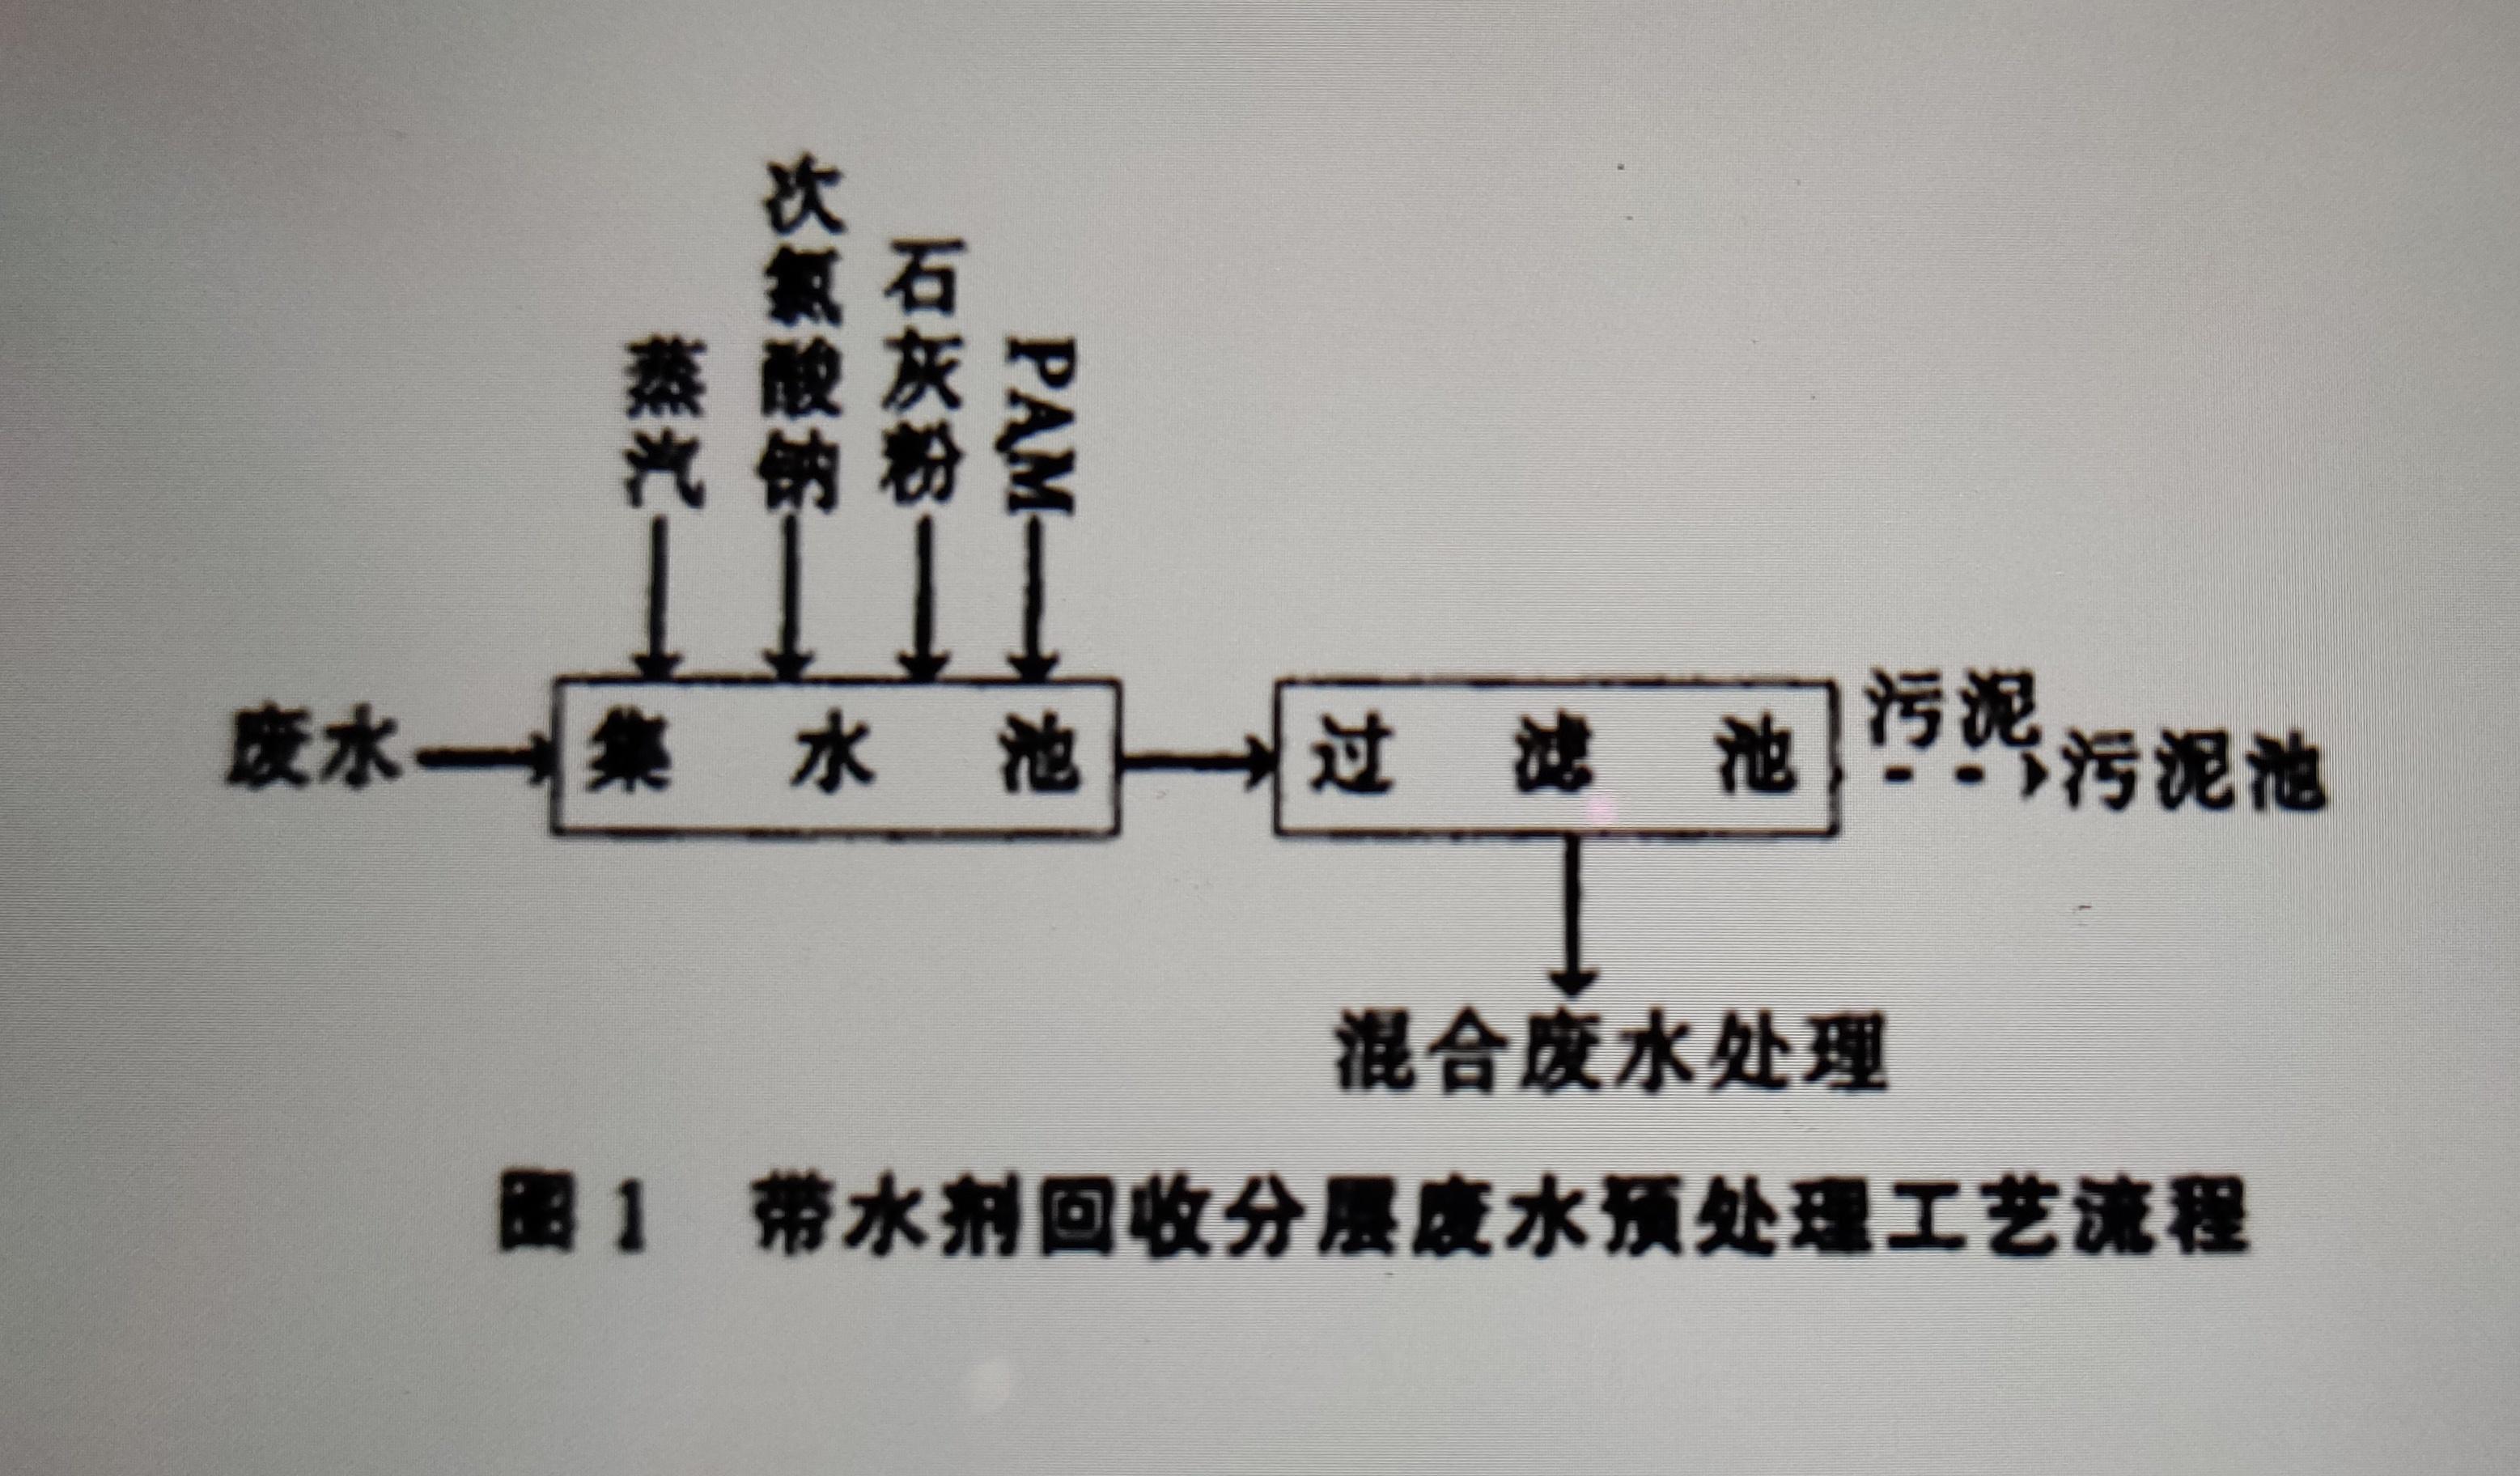 带水剂回收分层废水的预处理的工艺流程